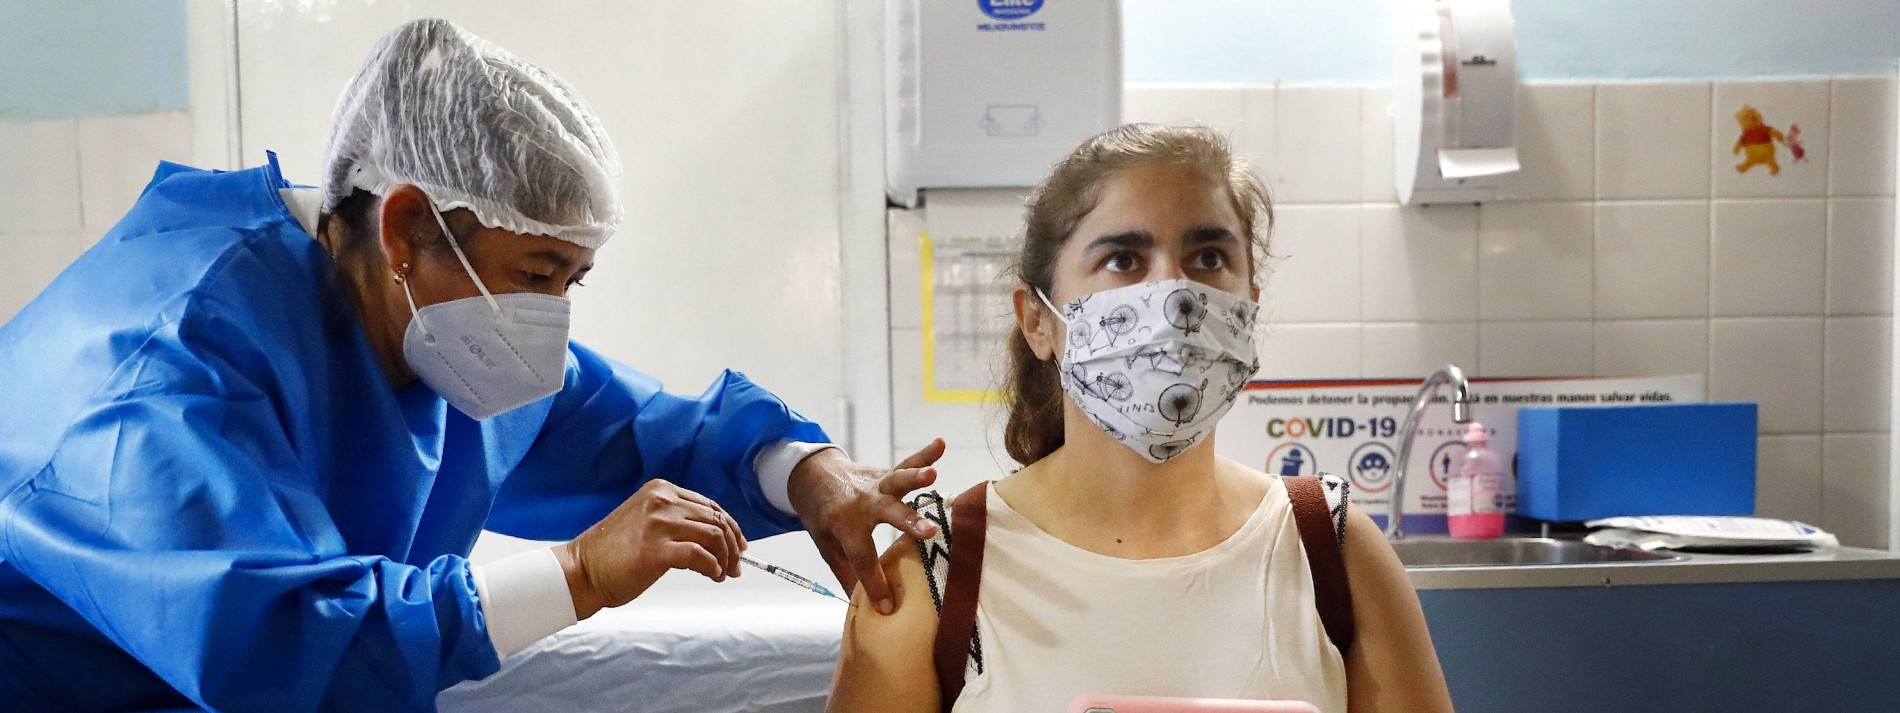 Einer der gefragtesten Impfstoffe der Welt